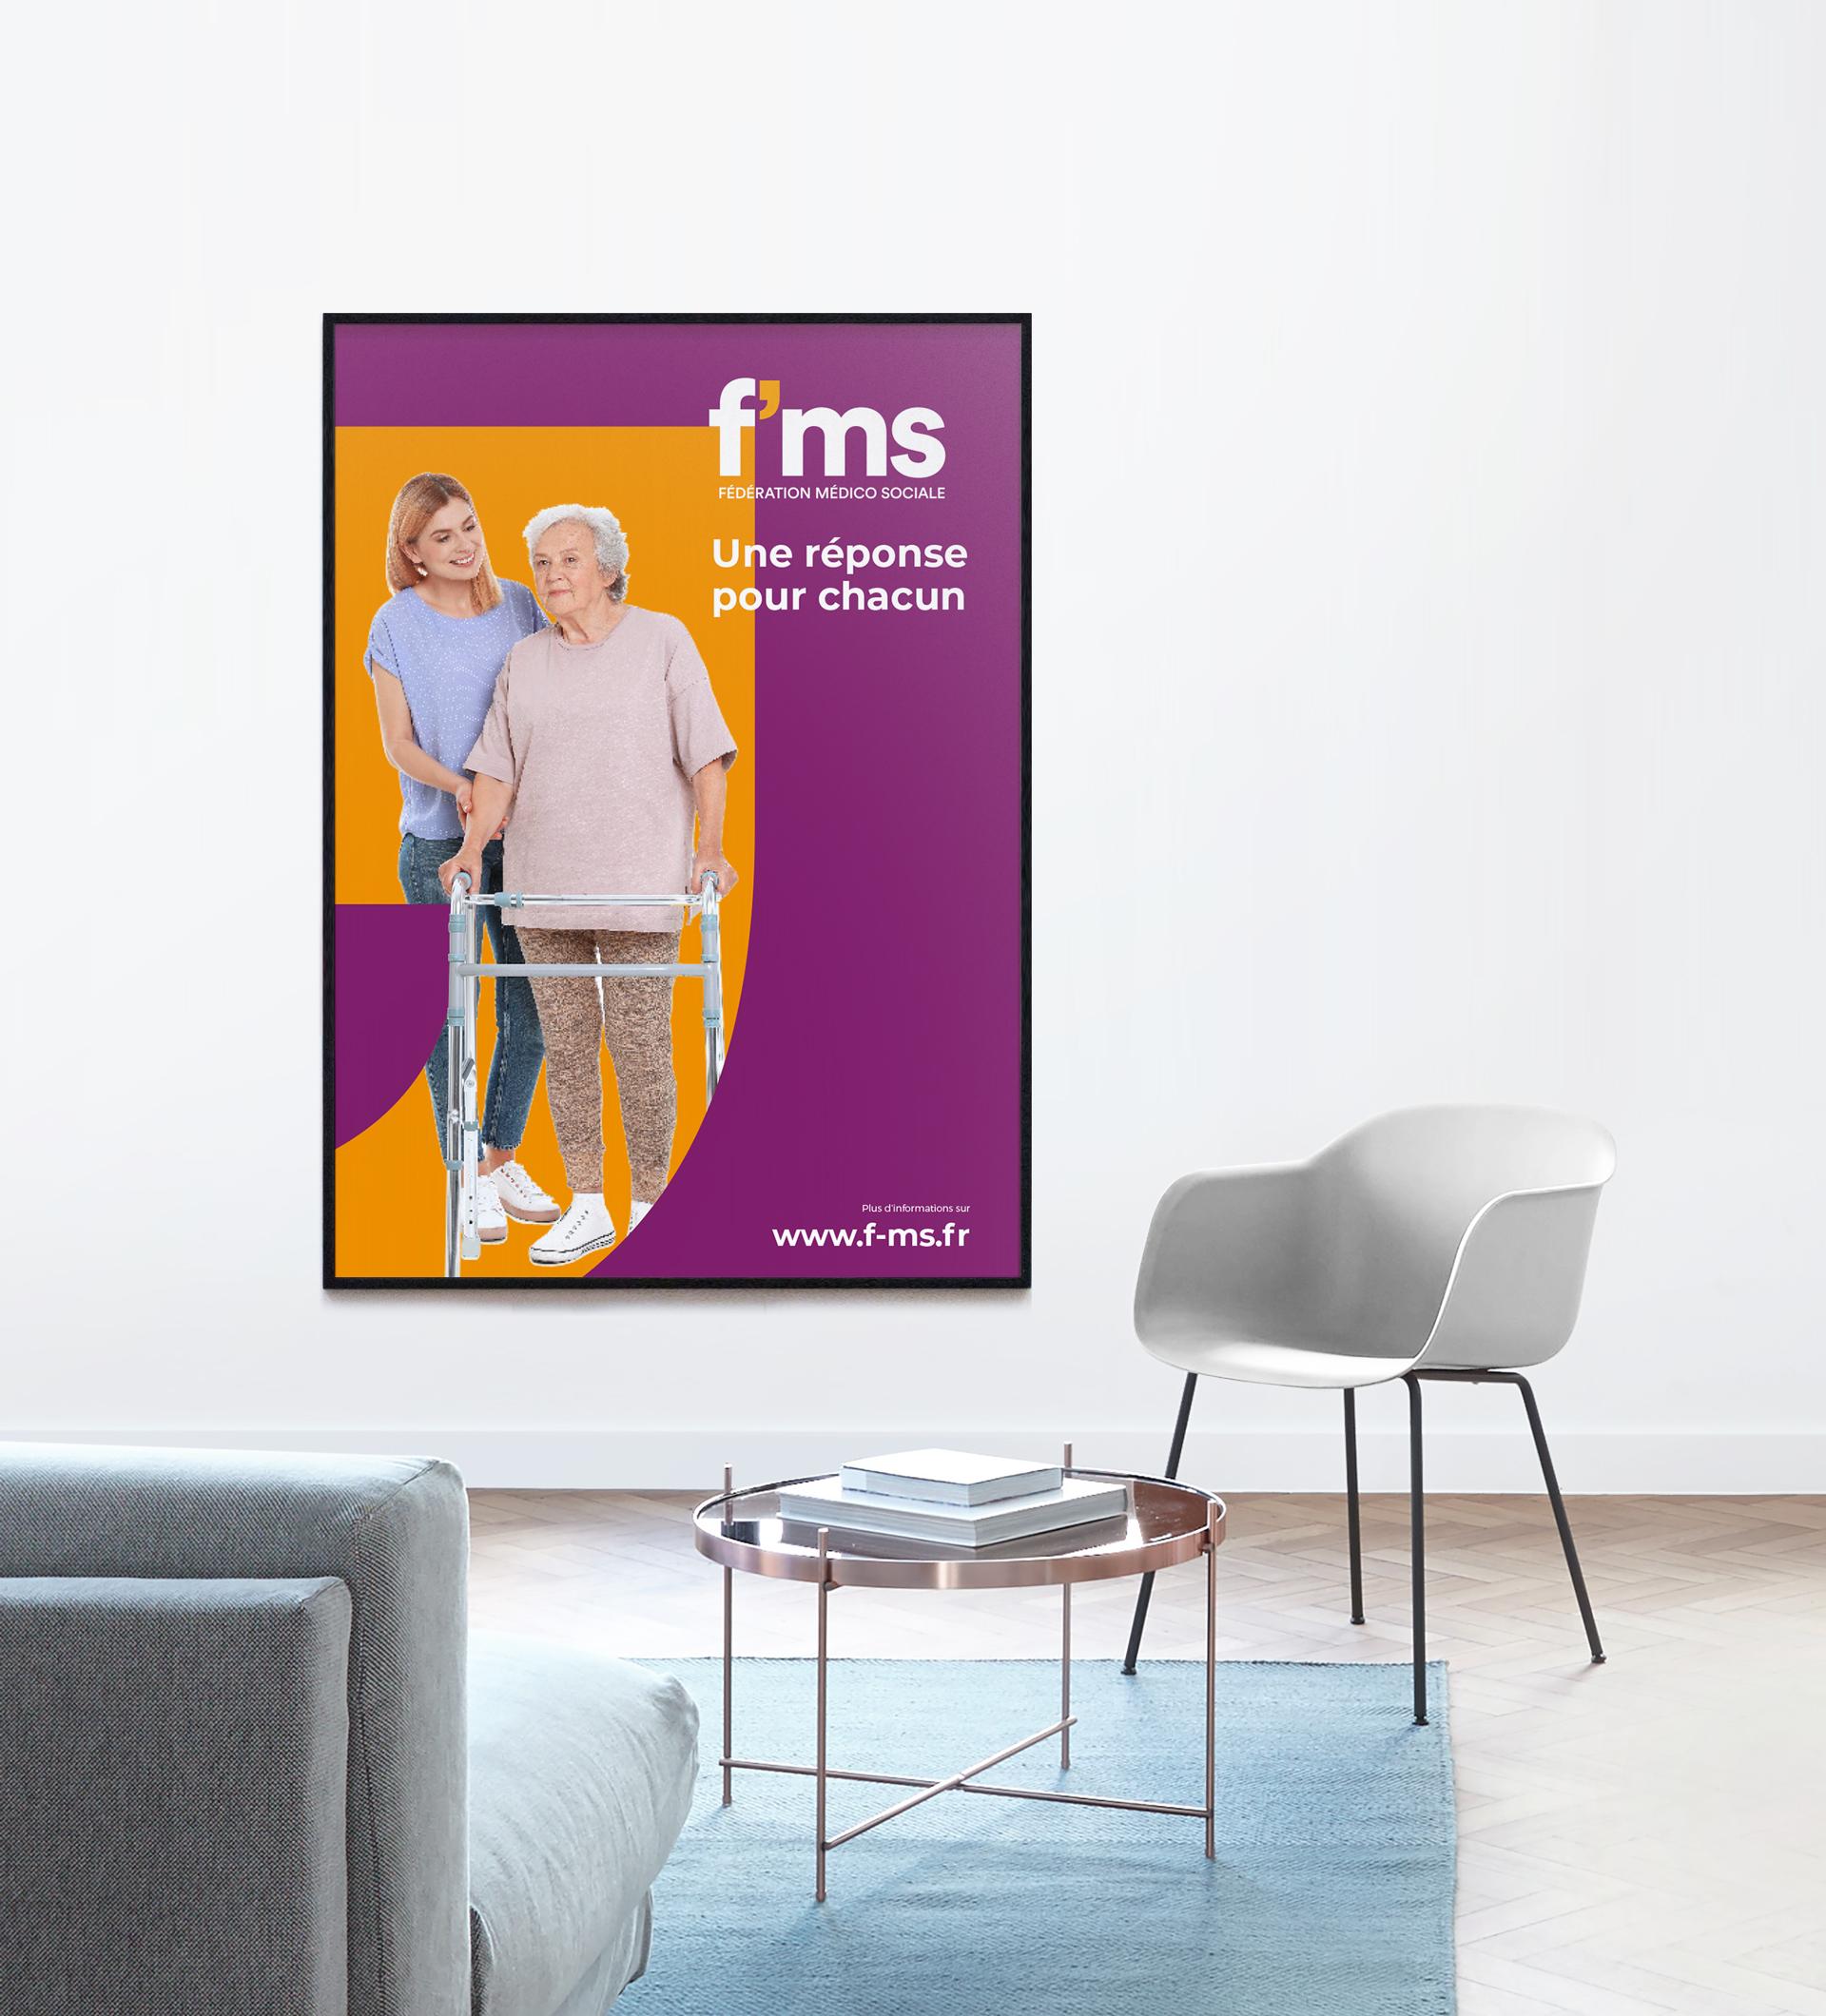 lezardscreation agence communication publicite vosges remiremont fms fms big poster scene mockup copie